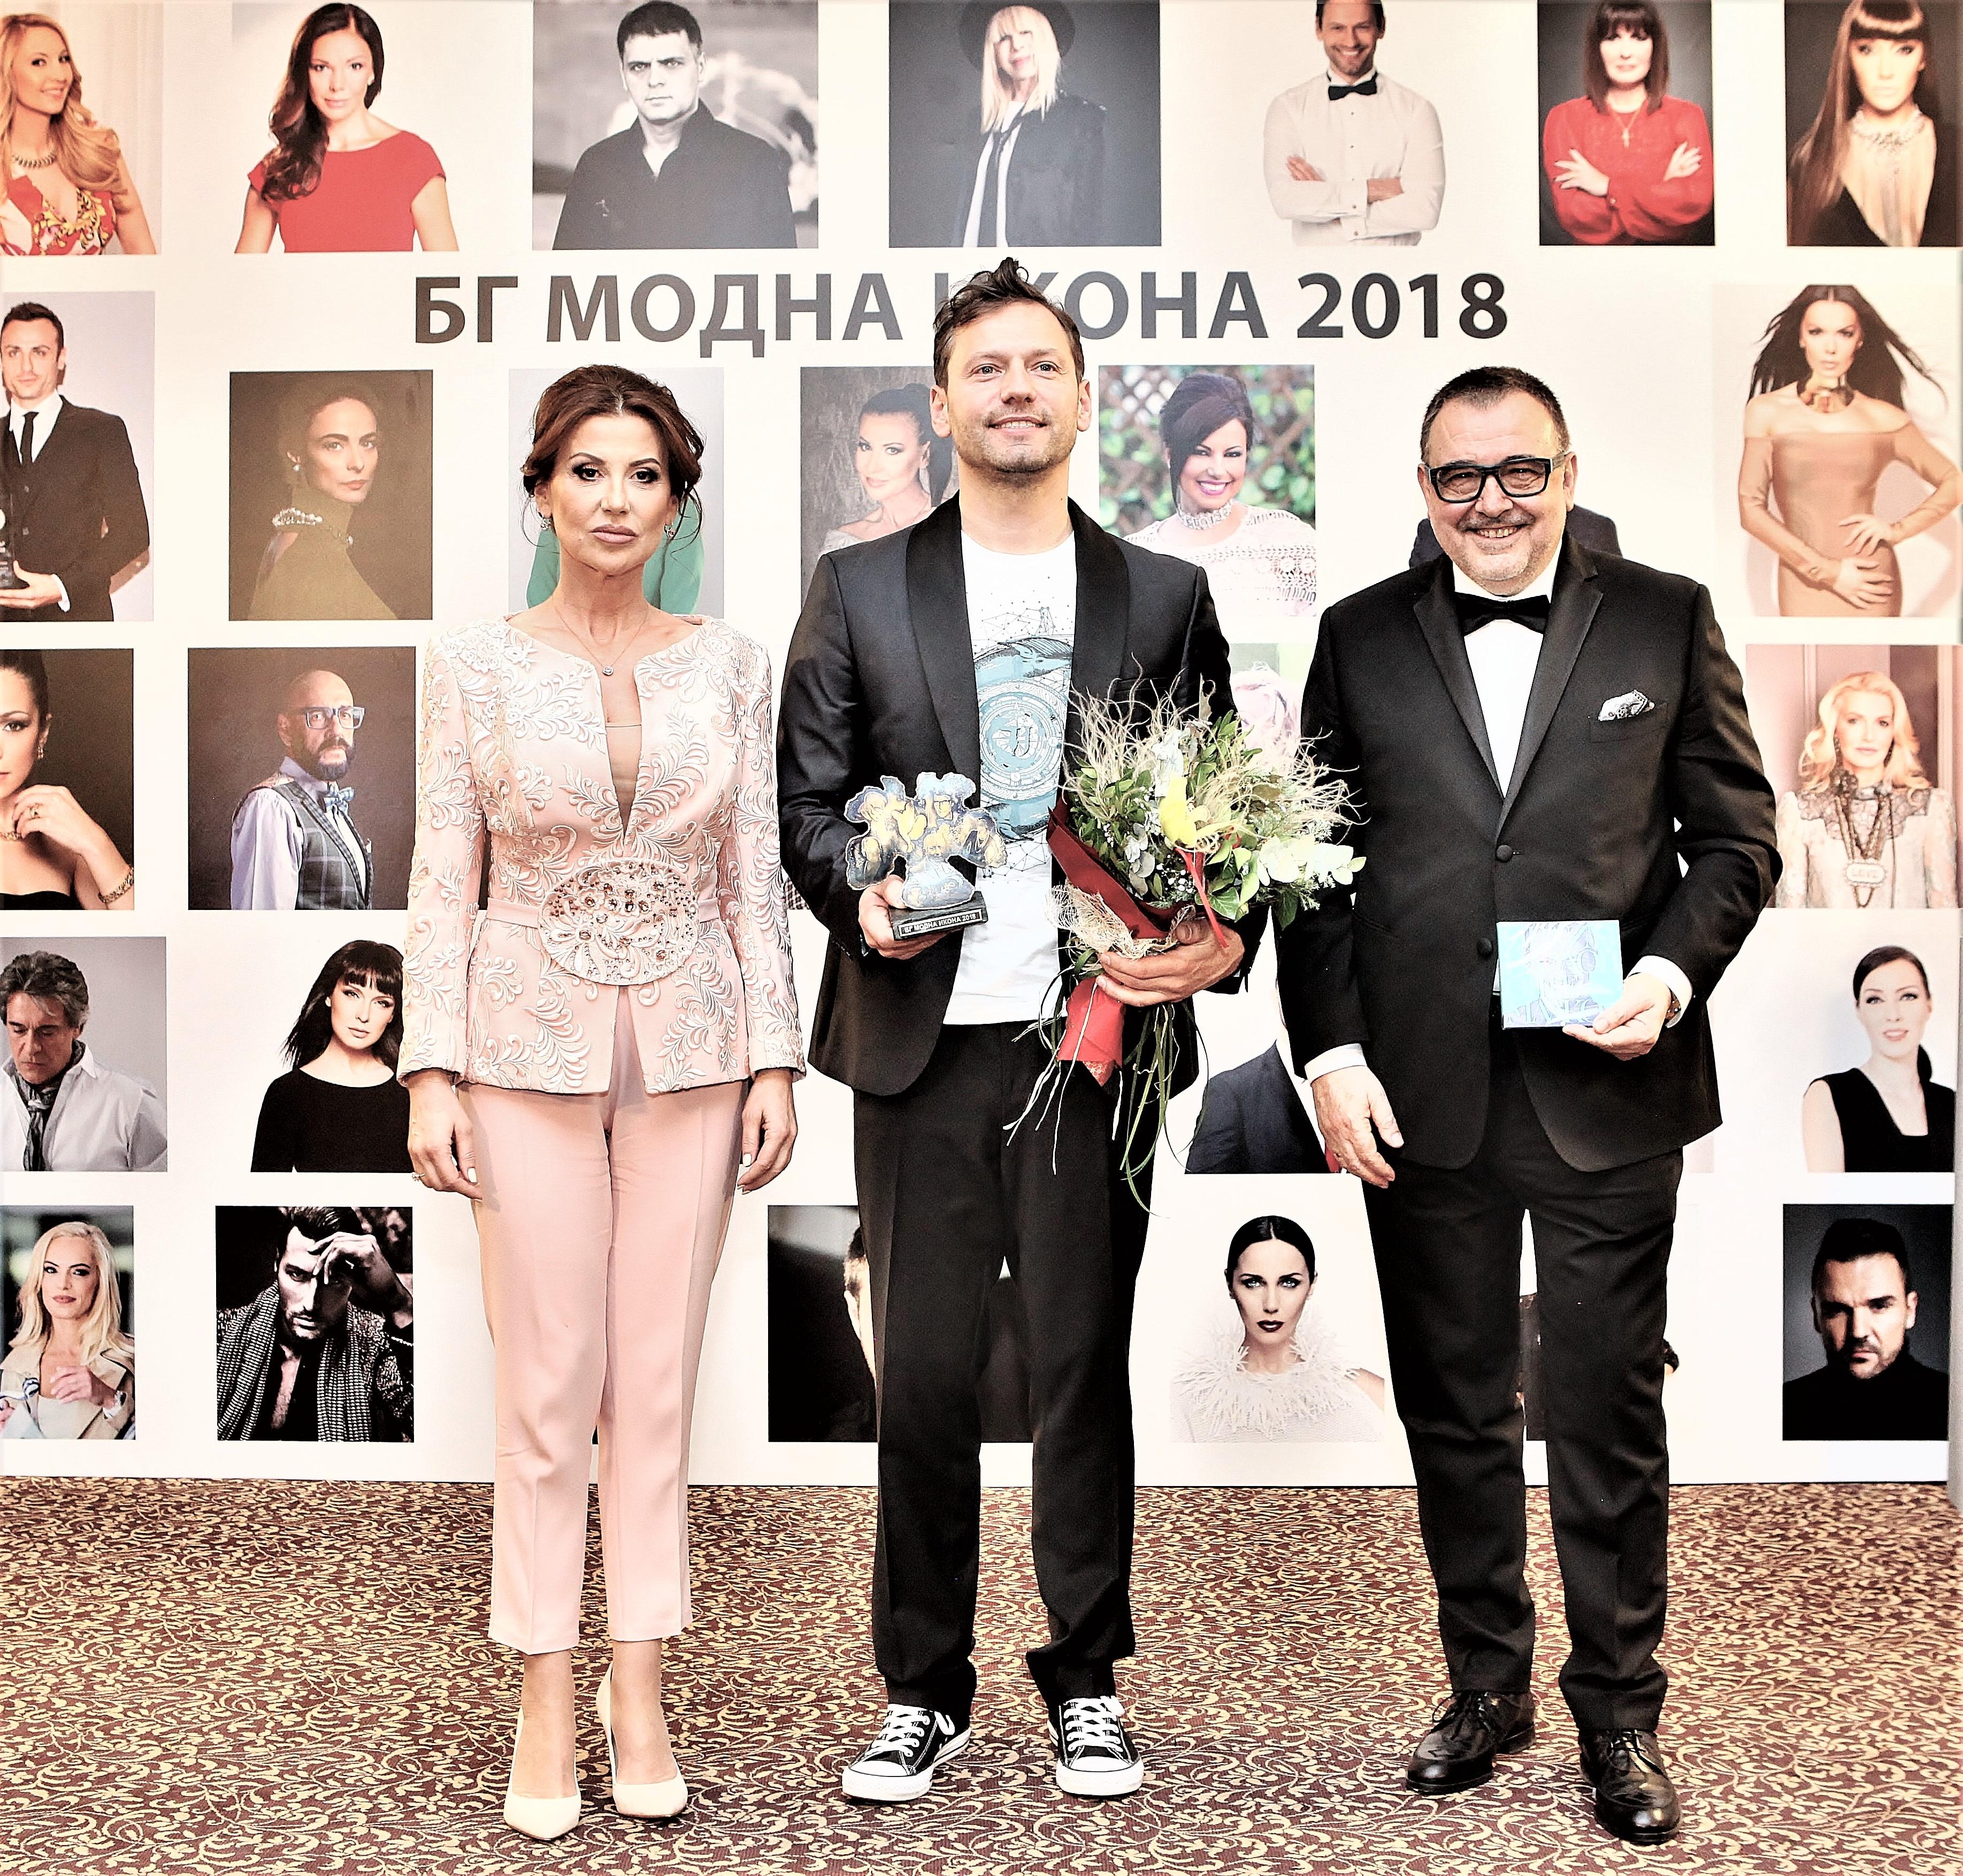 Илиана Раева, Орлин Павлов и проф. Любомир Стойков (от ляво на дясно).